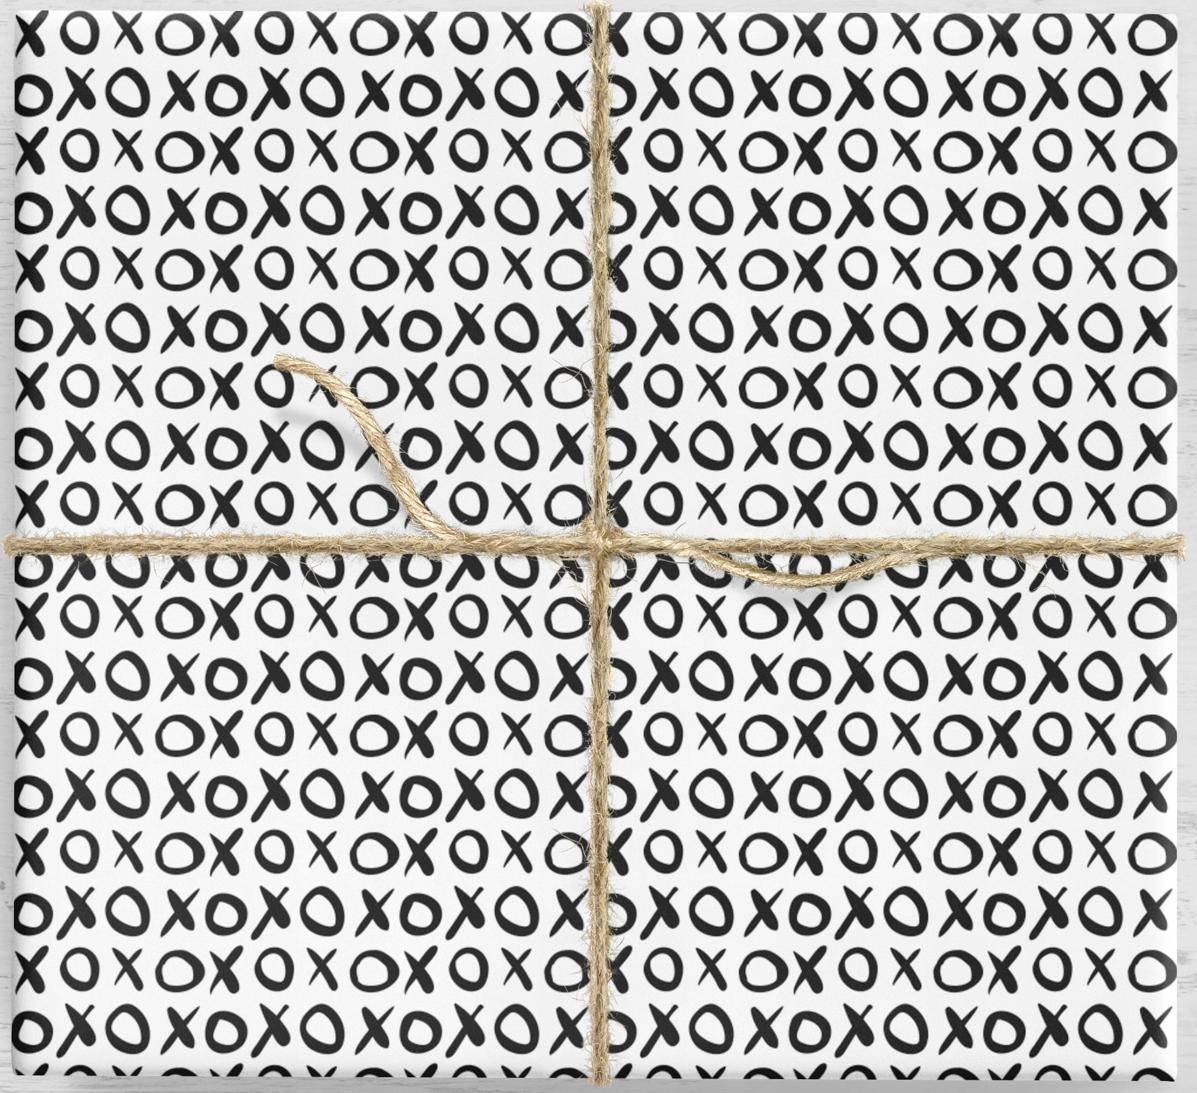 Darčekový baliaci papier. XOXO 10 listov